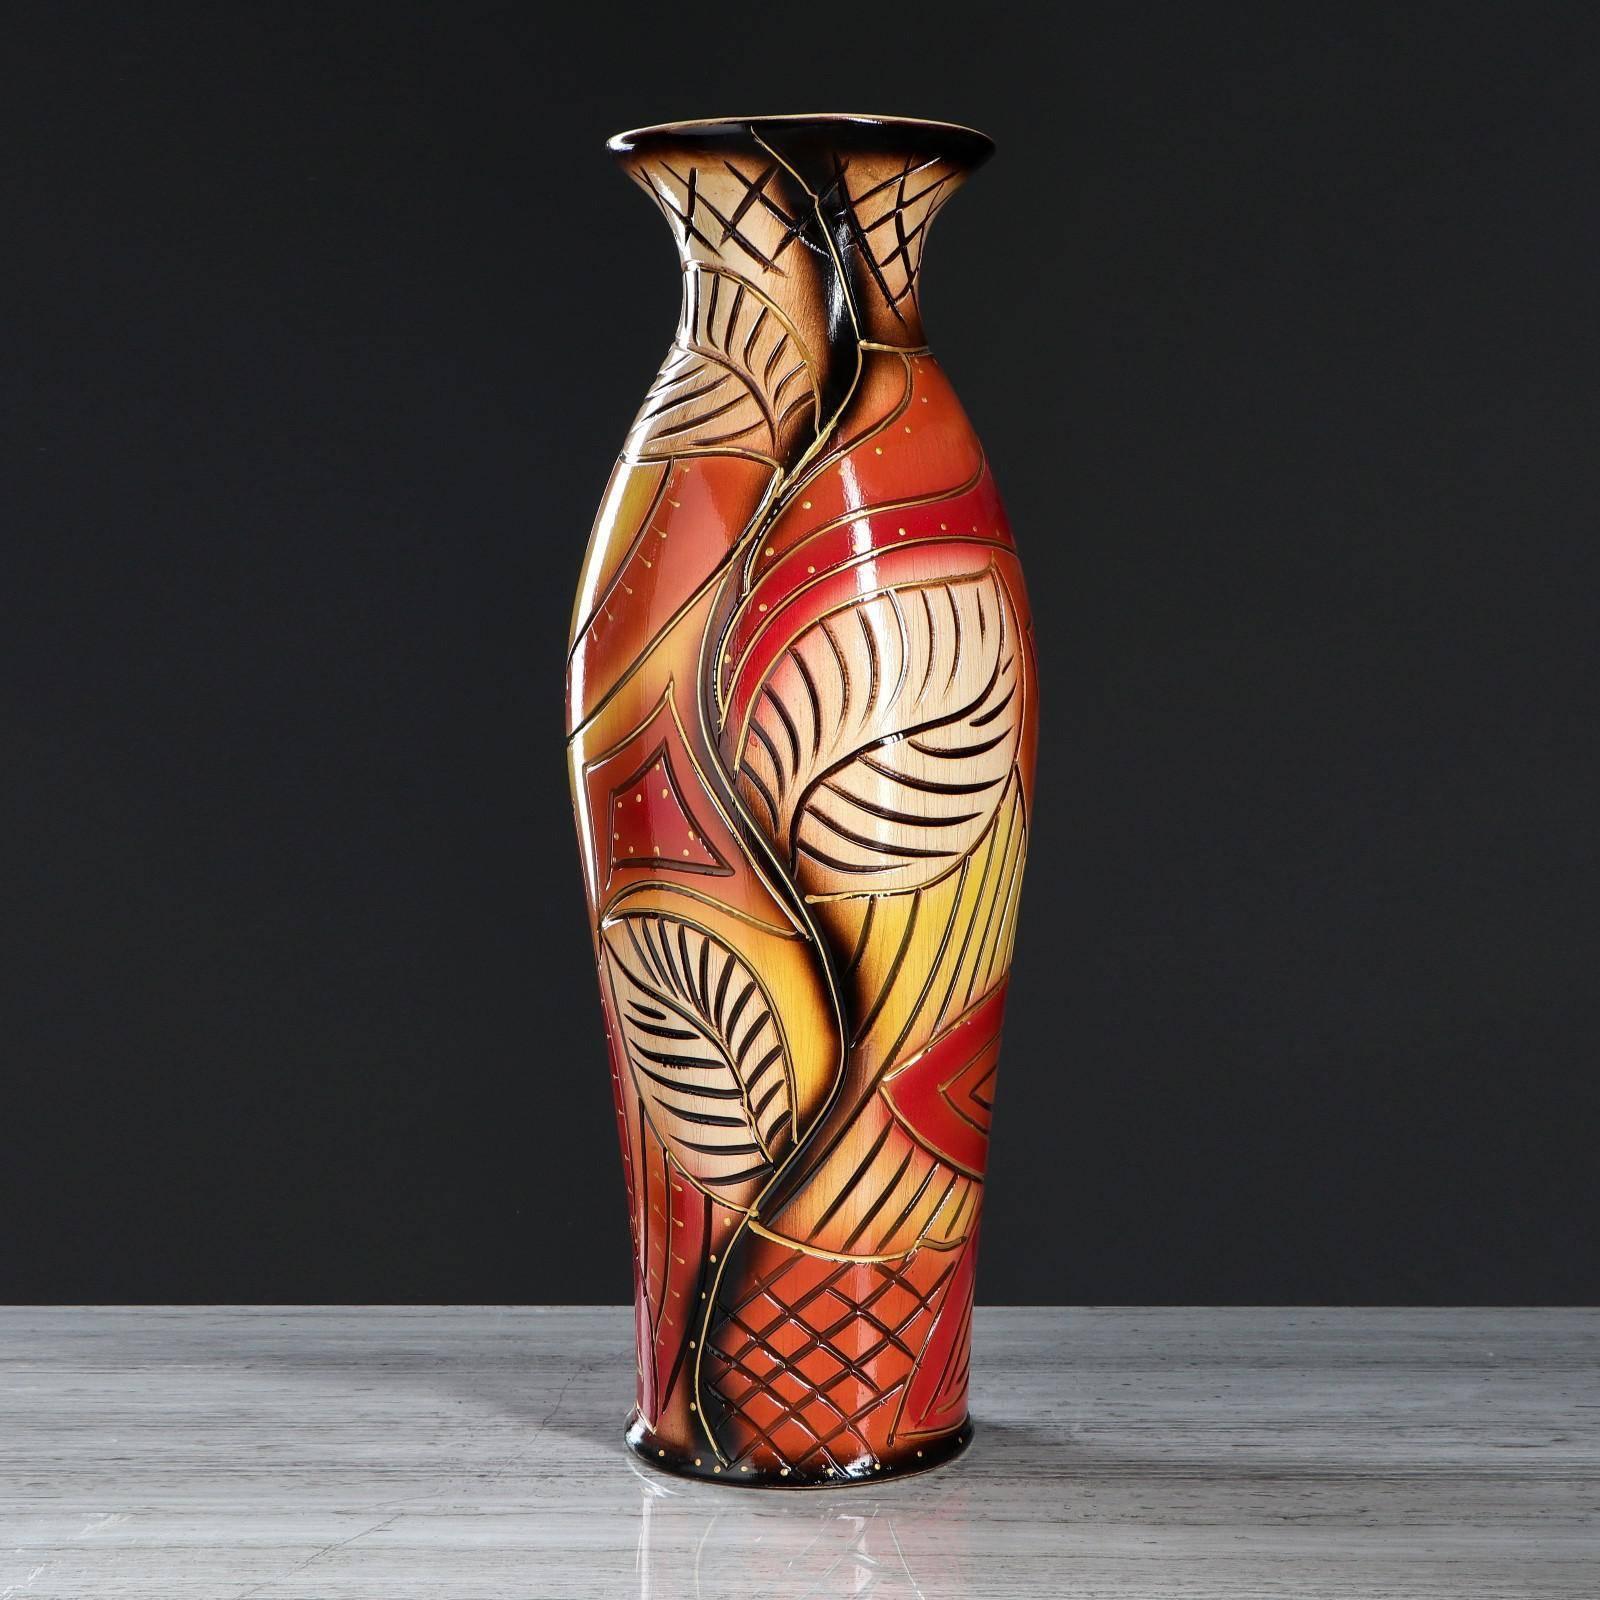 Вазы в интерьере: лучшие вдохновляющие идеи стильных и современных ваз (110 фото)